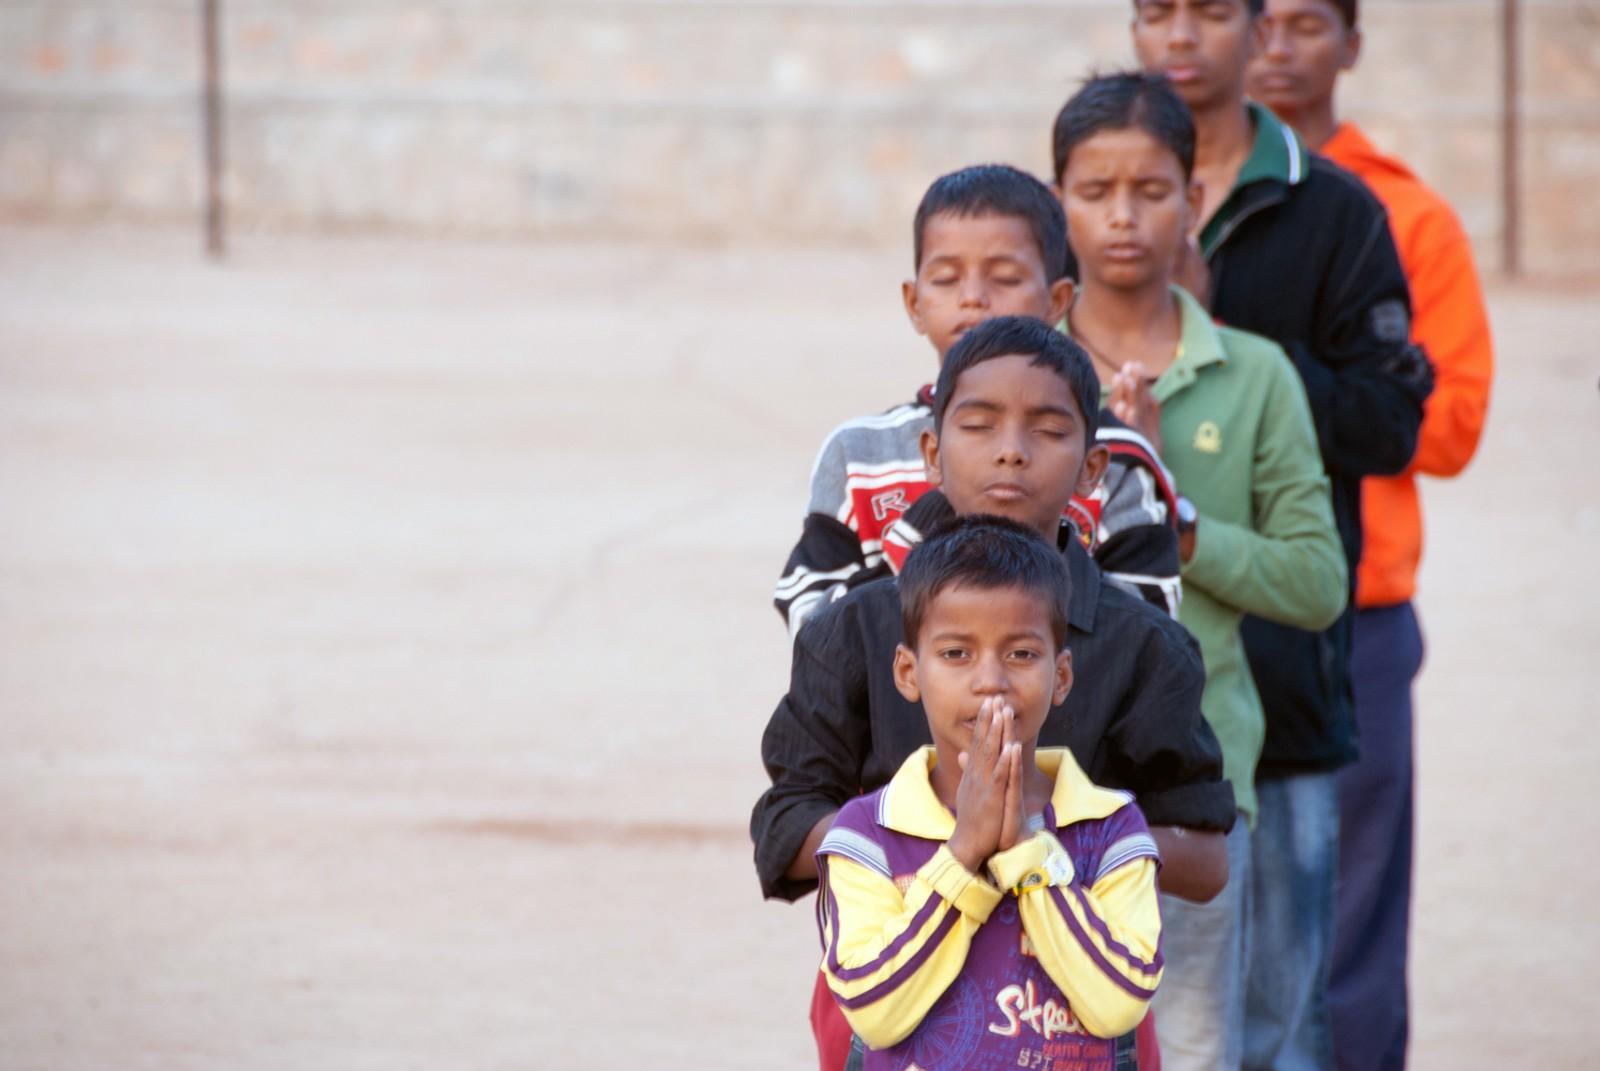 Morgenbønn må til. For mange av guttene er faste ritualer utenom det å arbeide helt fremmed.